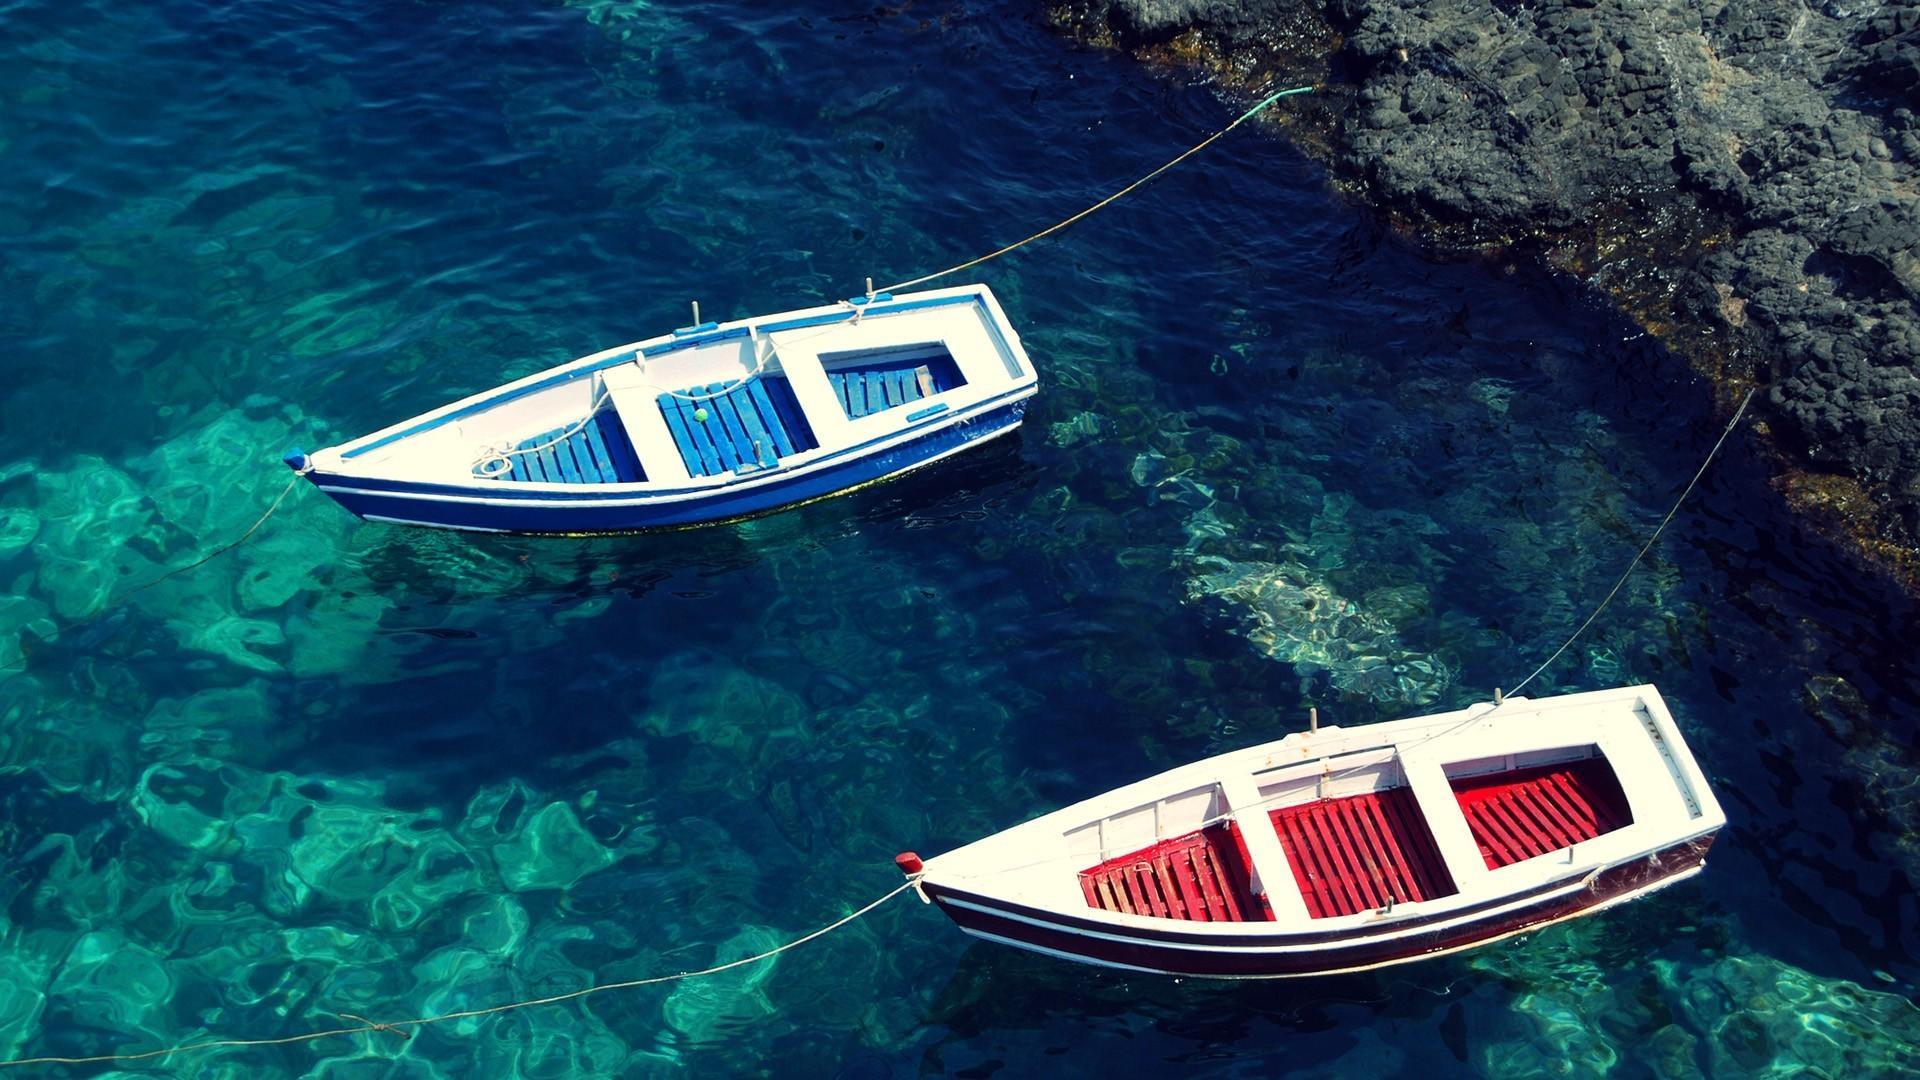 получившуюся картинки на рабочий стол лодка на воде сейчас тебя